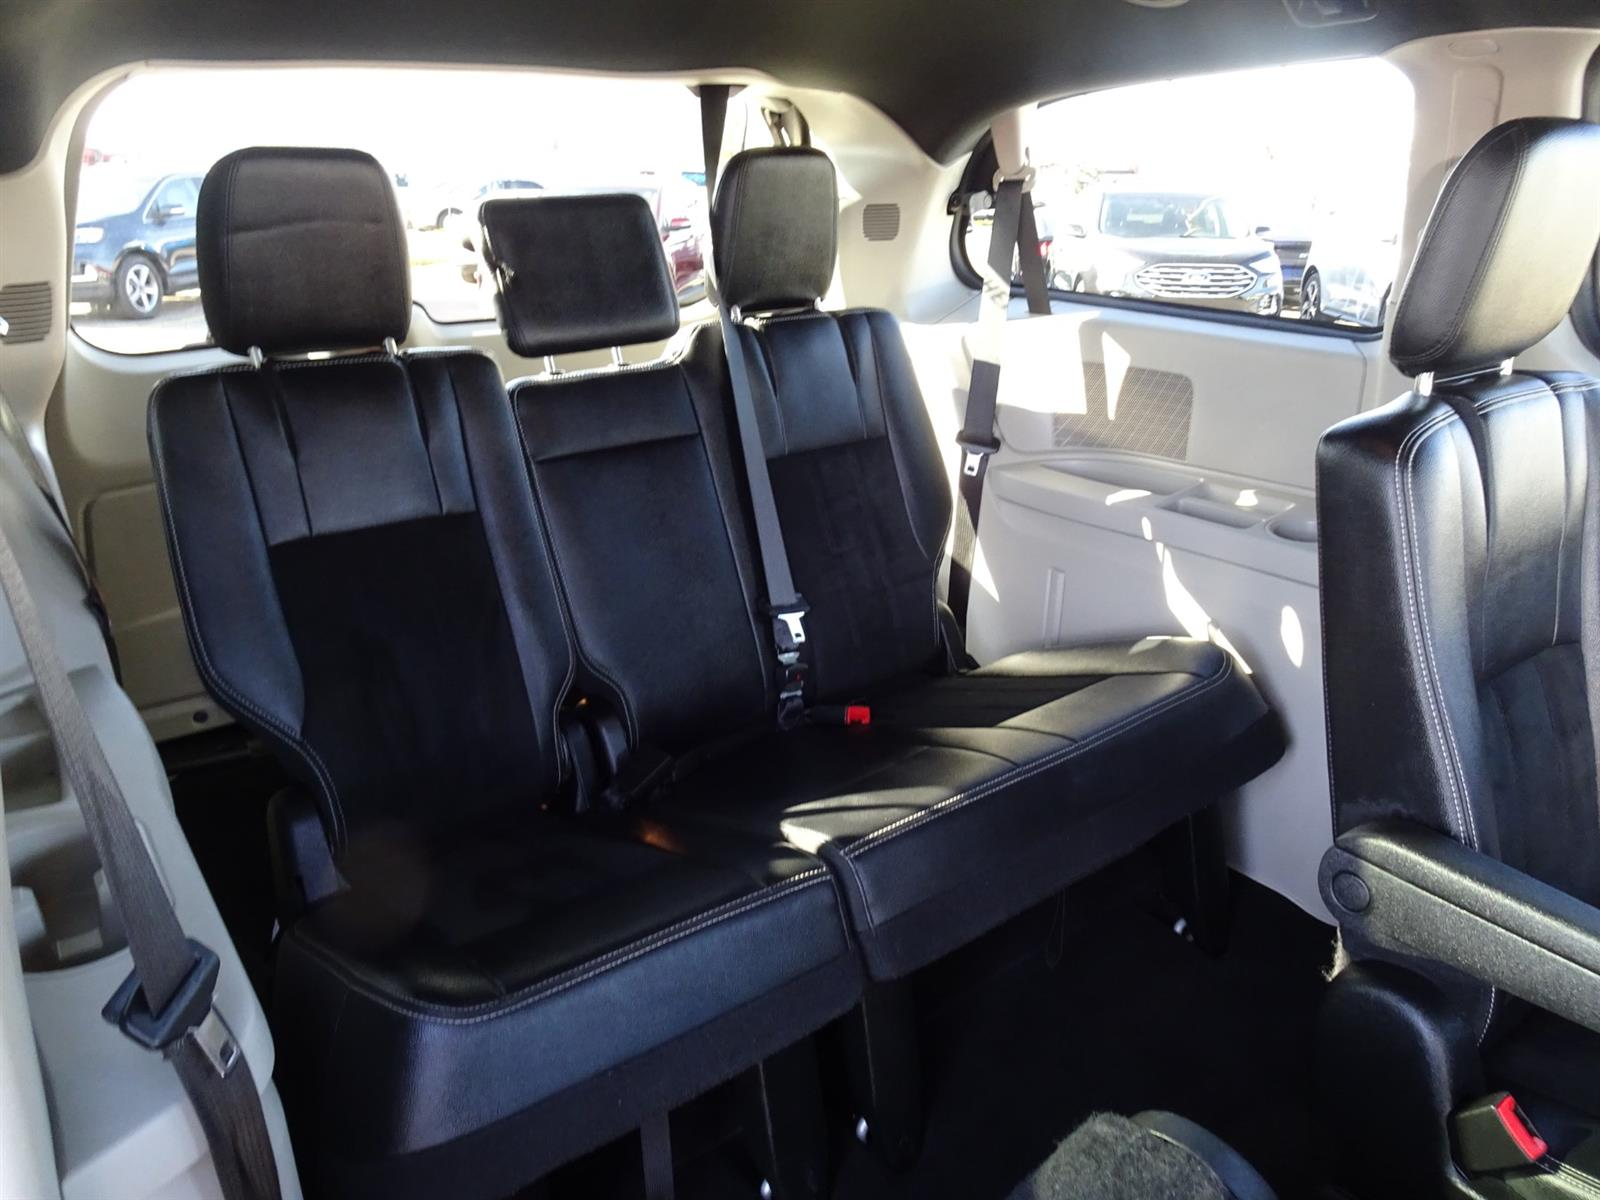 2018 Dodge Grand Caravan SXT PREMIUM PLUS